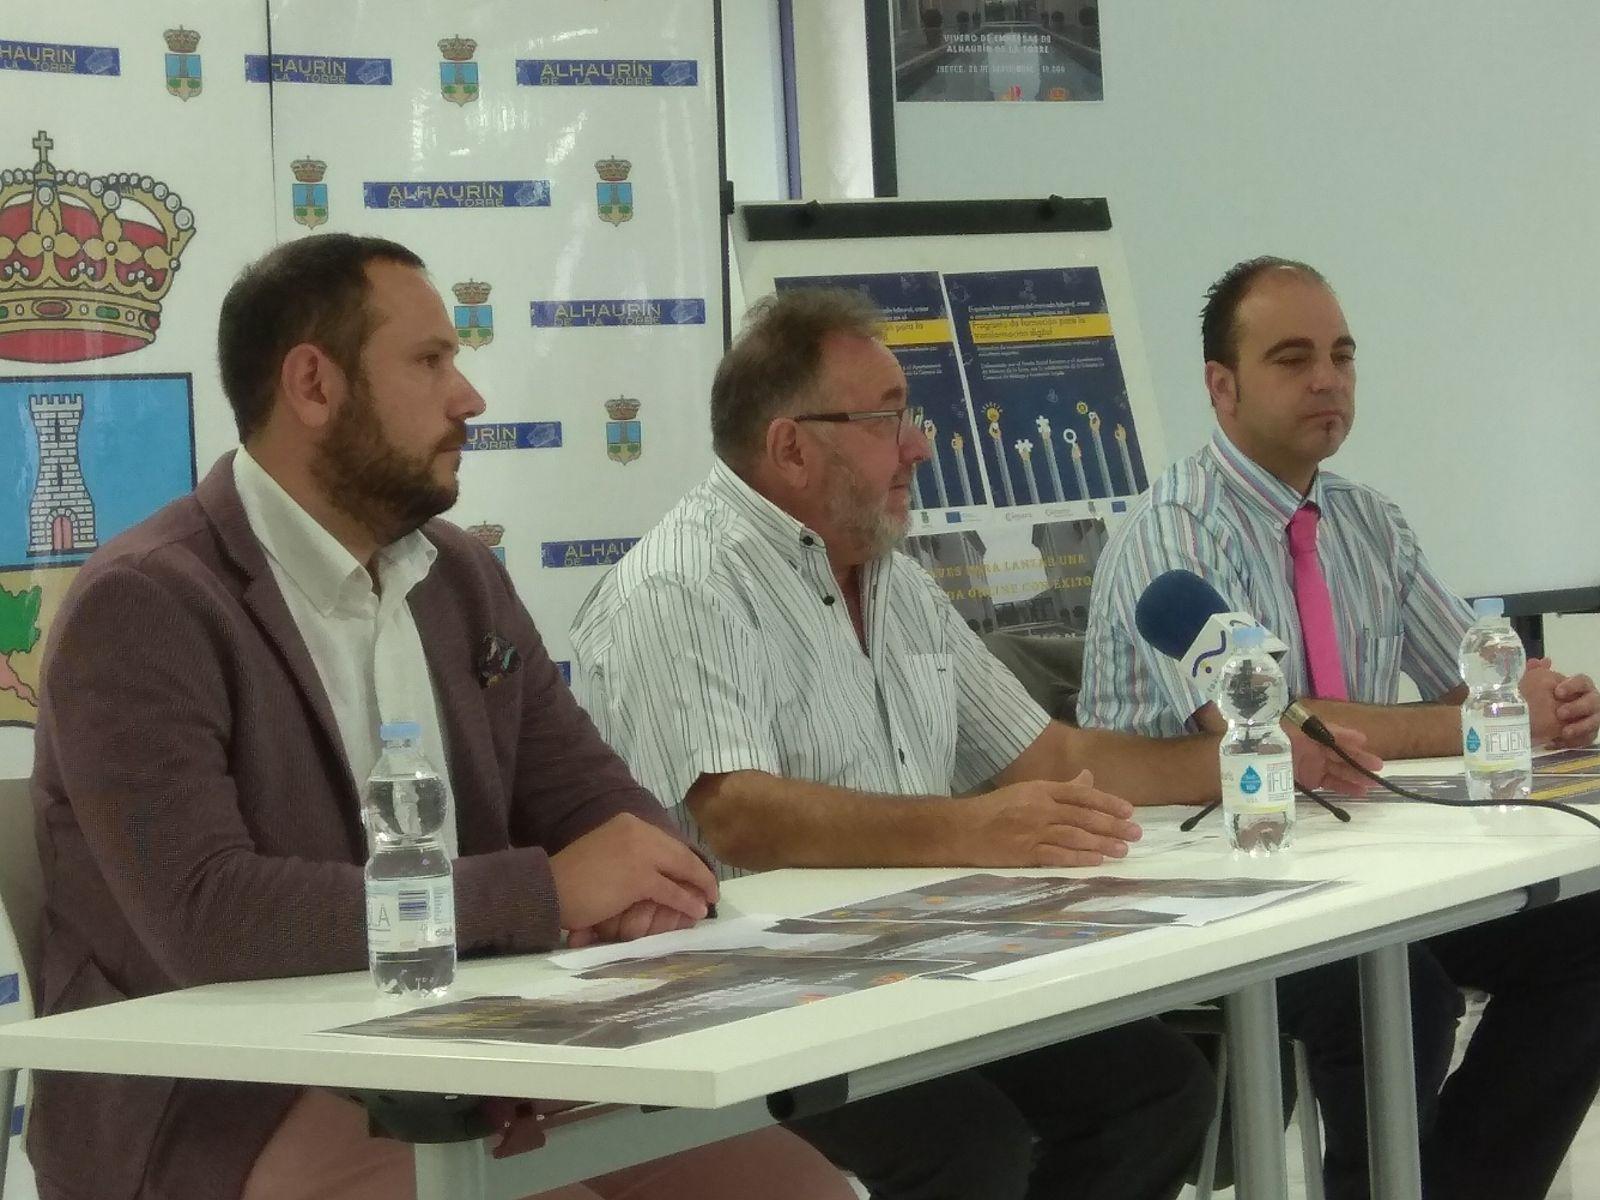 Presentación evento Alhaurín de la Torre